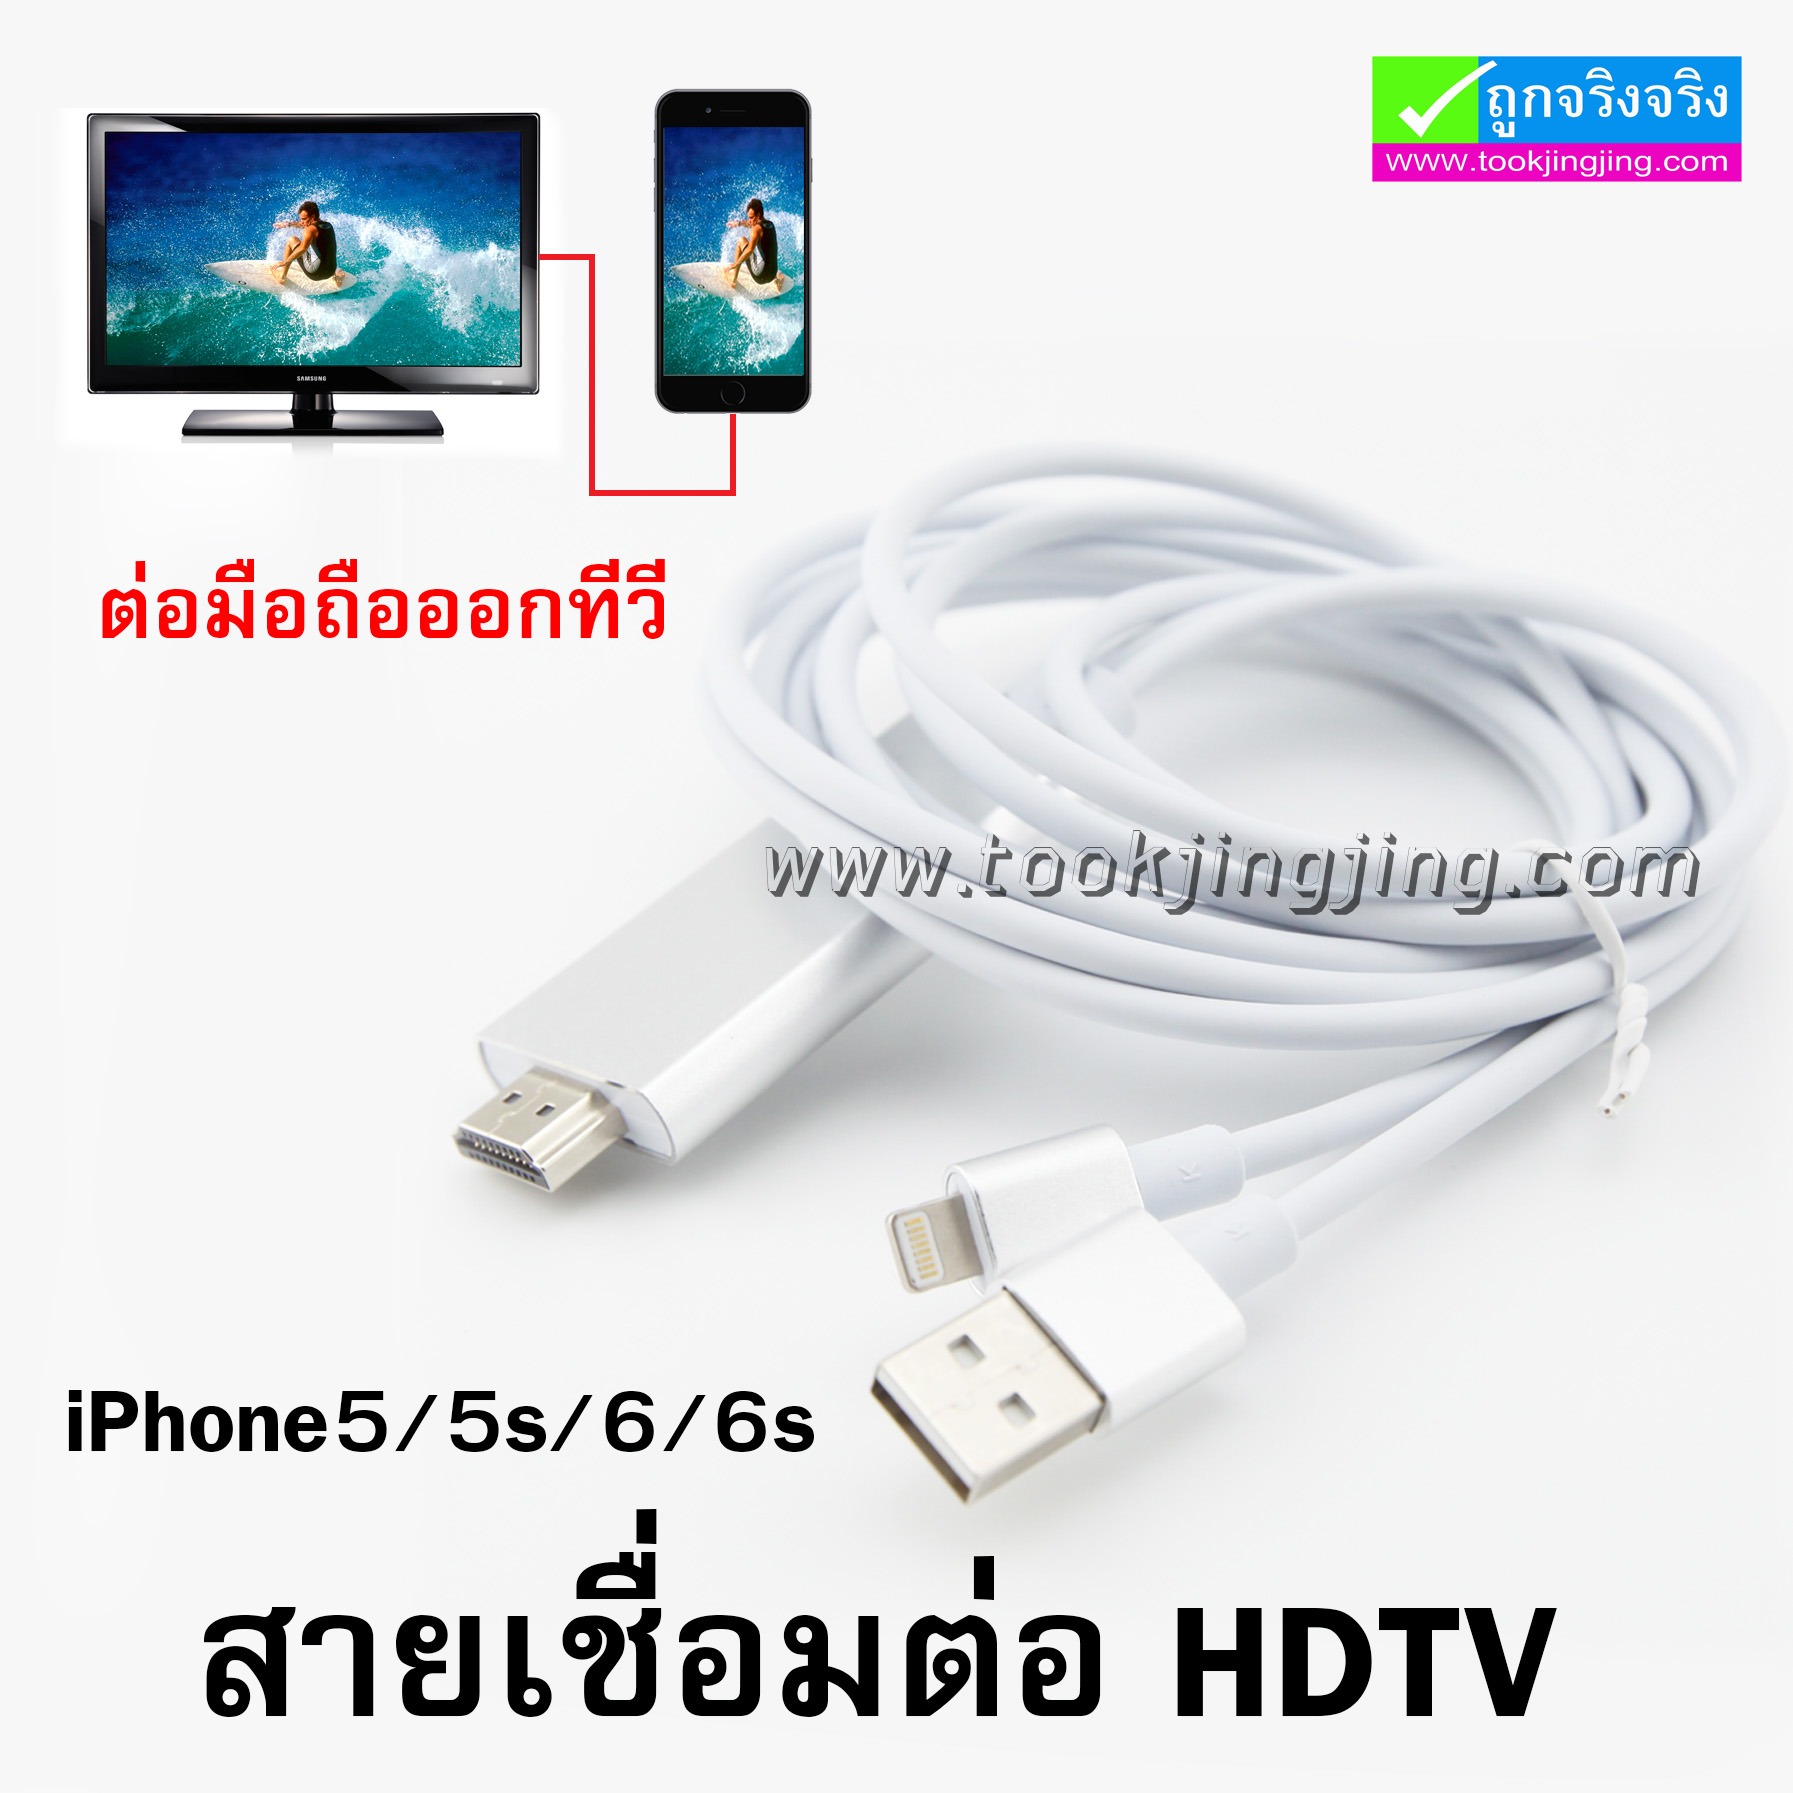 สายเชื่อมต่อ HDTV cable สัญญาณภาพ มือถือ/แท็บแล็ต ขึ้นจอ ทีวี (สำหรับ iPhone 5/6)